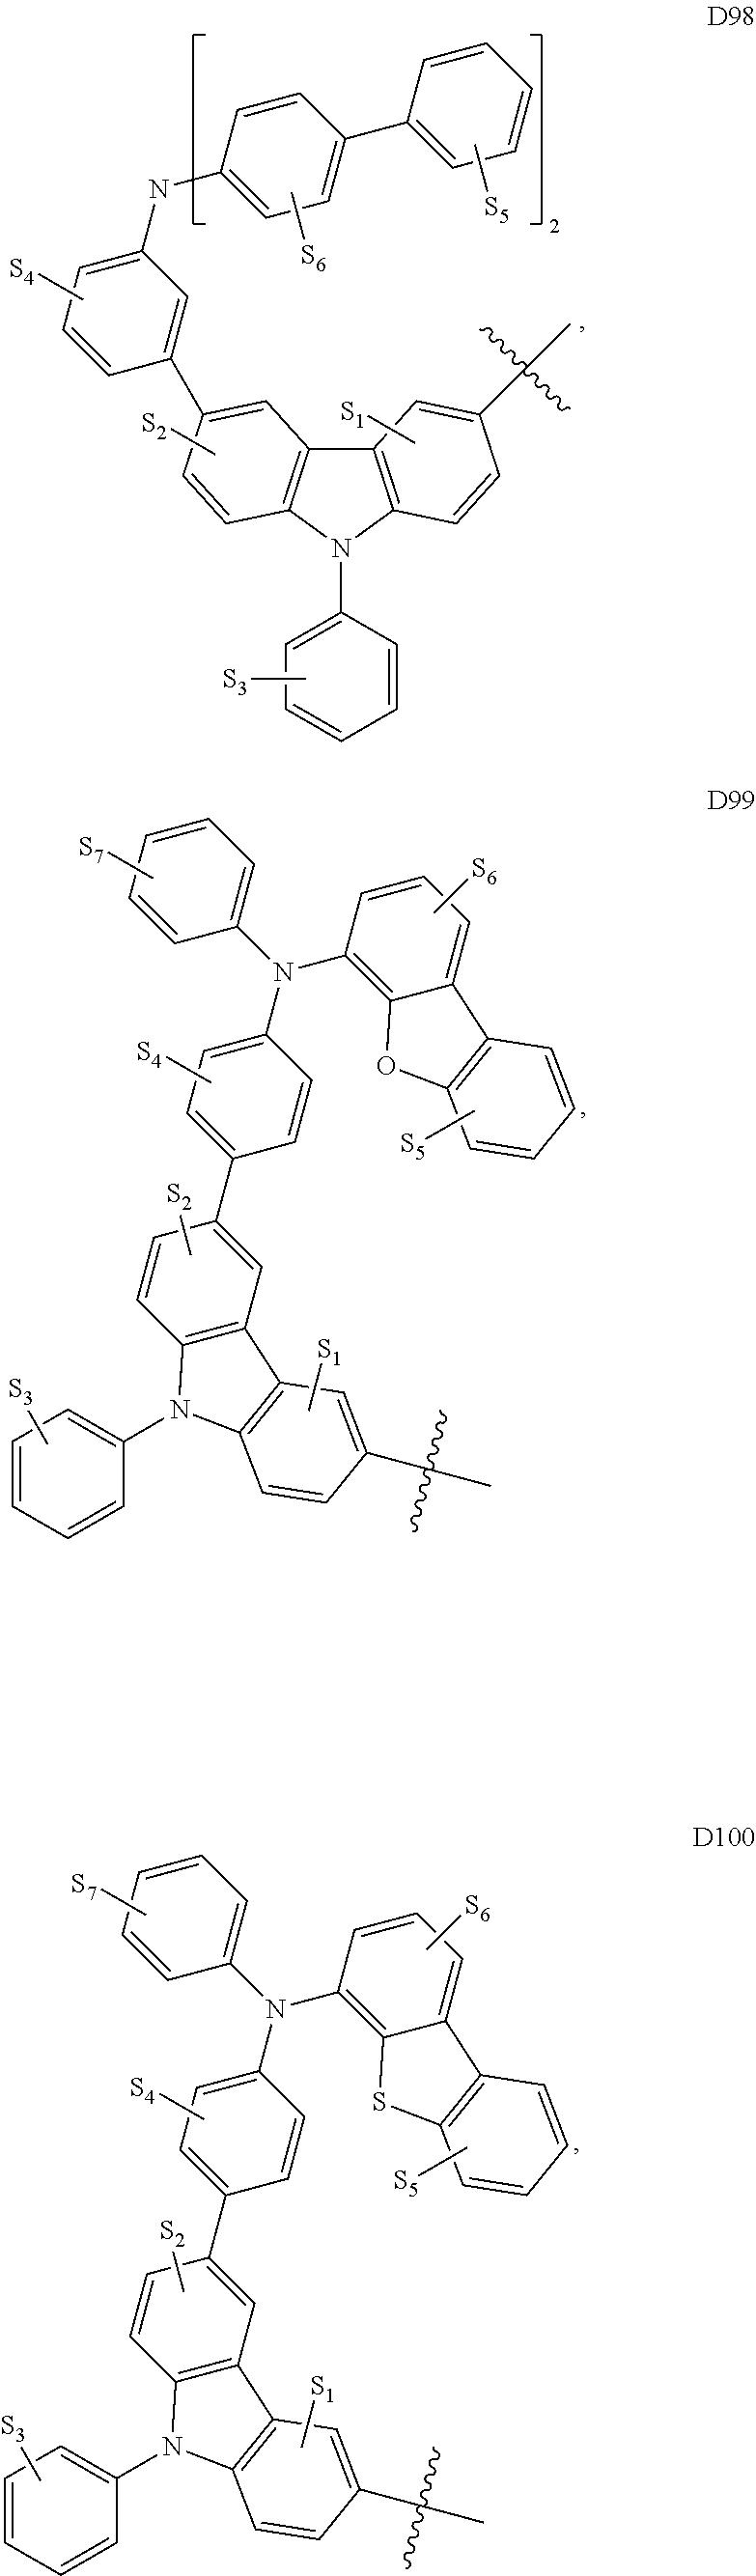 Figure US09324949-20160426-C00077